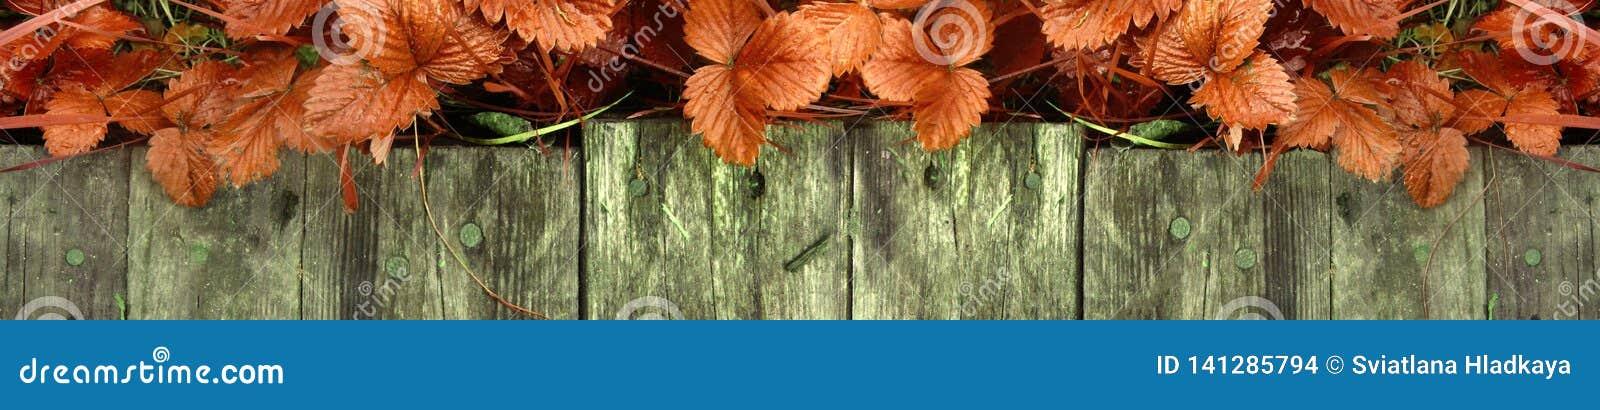 Os tiros e as folhas novos de arbustos de morango brilhantes sem bagas crescem perto da passagem de madeira